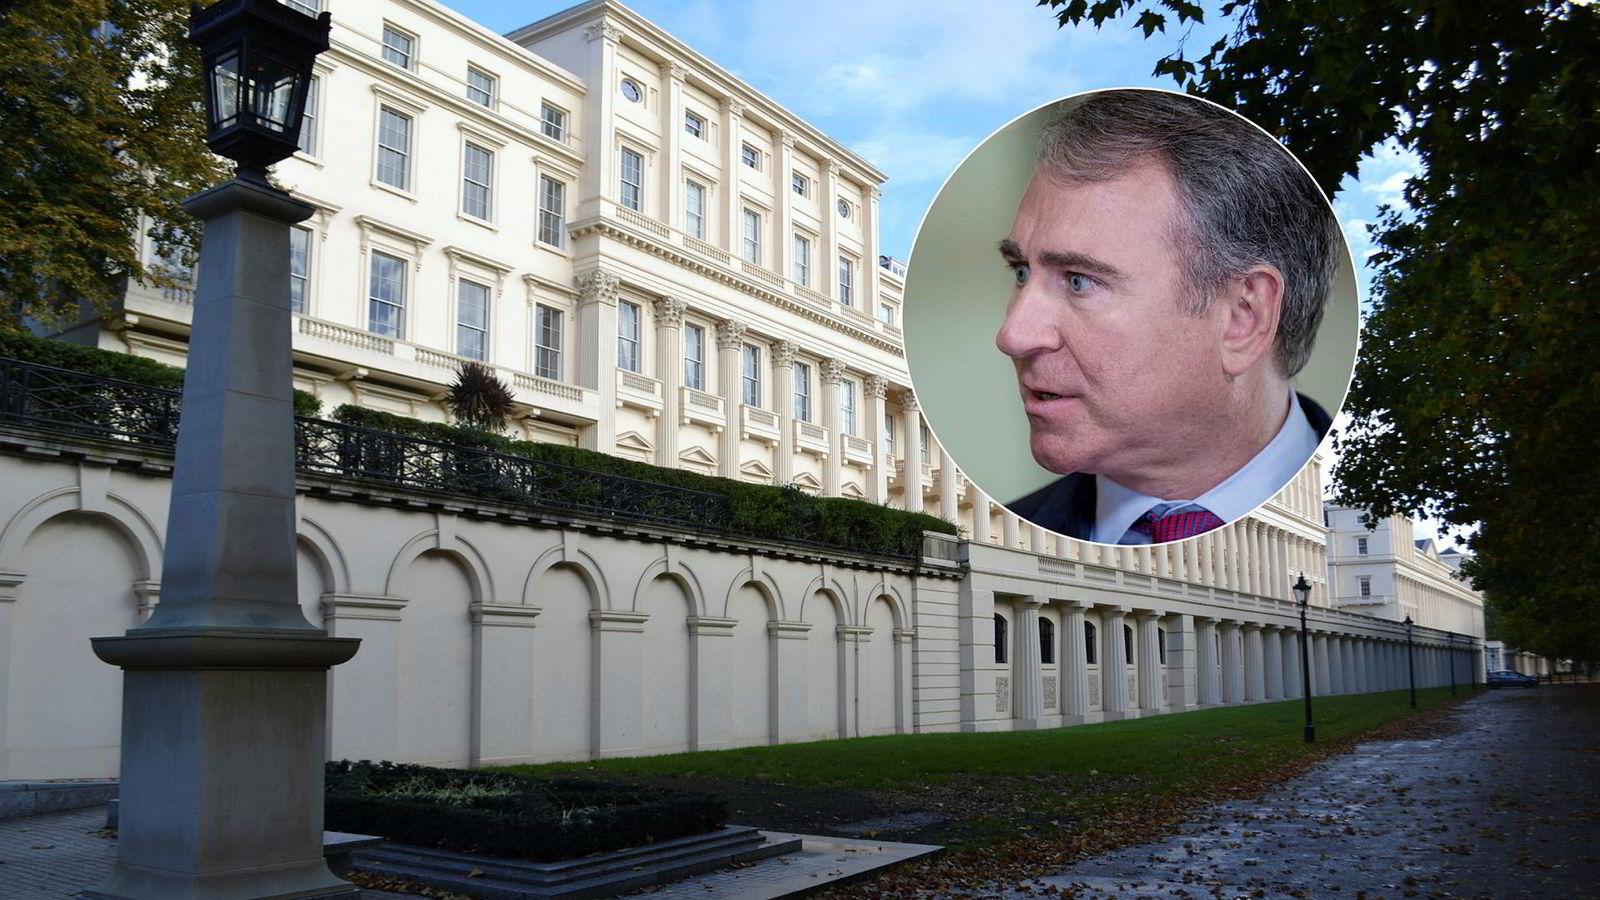 Carlton House Terrace i området St. James's i London. Ken Griffin (innfelt) har kjøpt 3 Carlton Gardens, som er venstre del av den historiske bygningen.